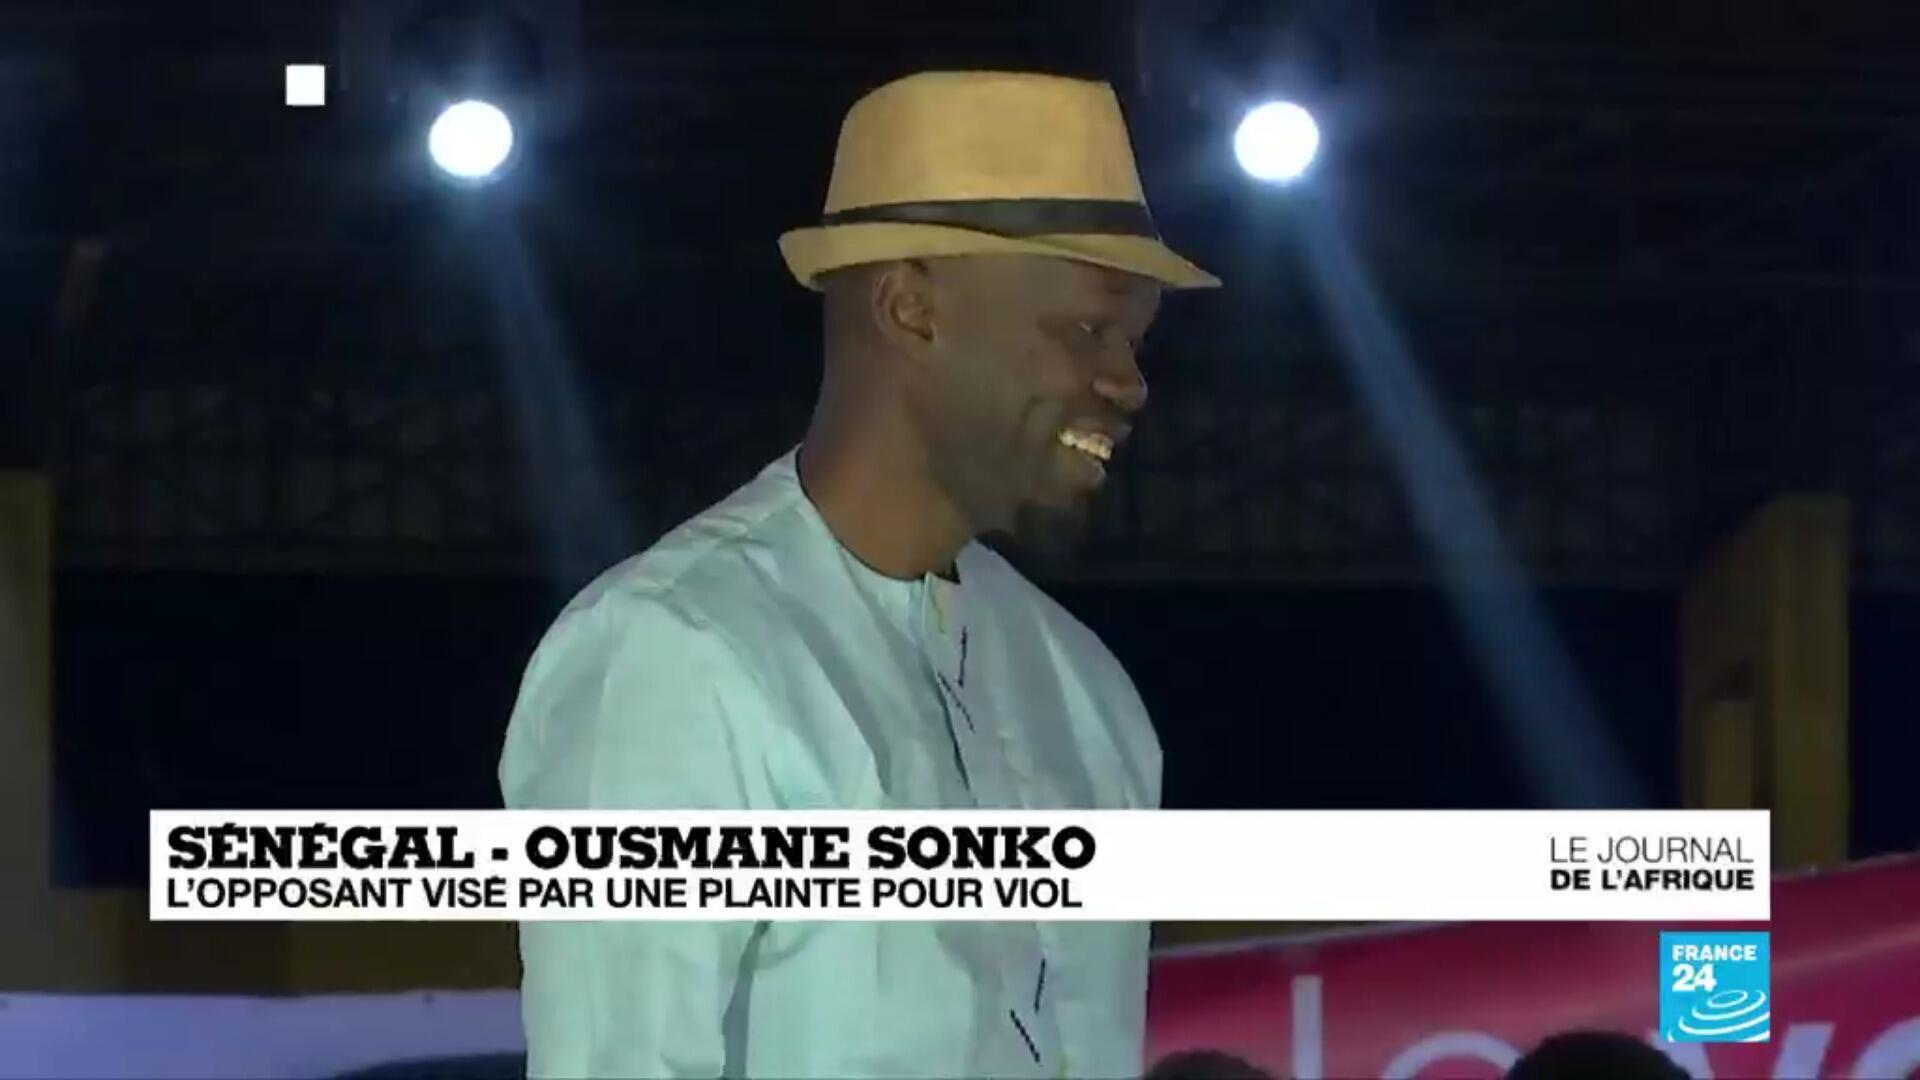 Ousmane Sonko, opposant sénégalais, accusé de viol